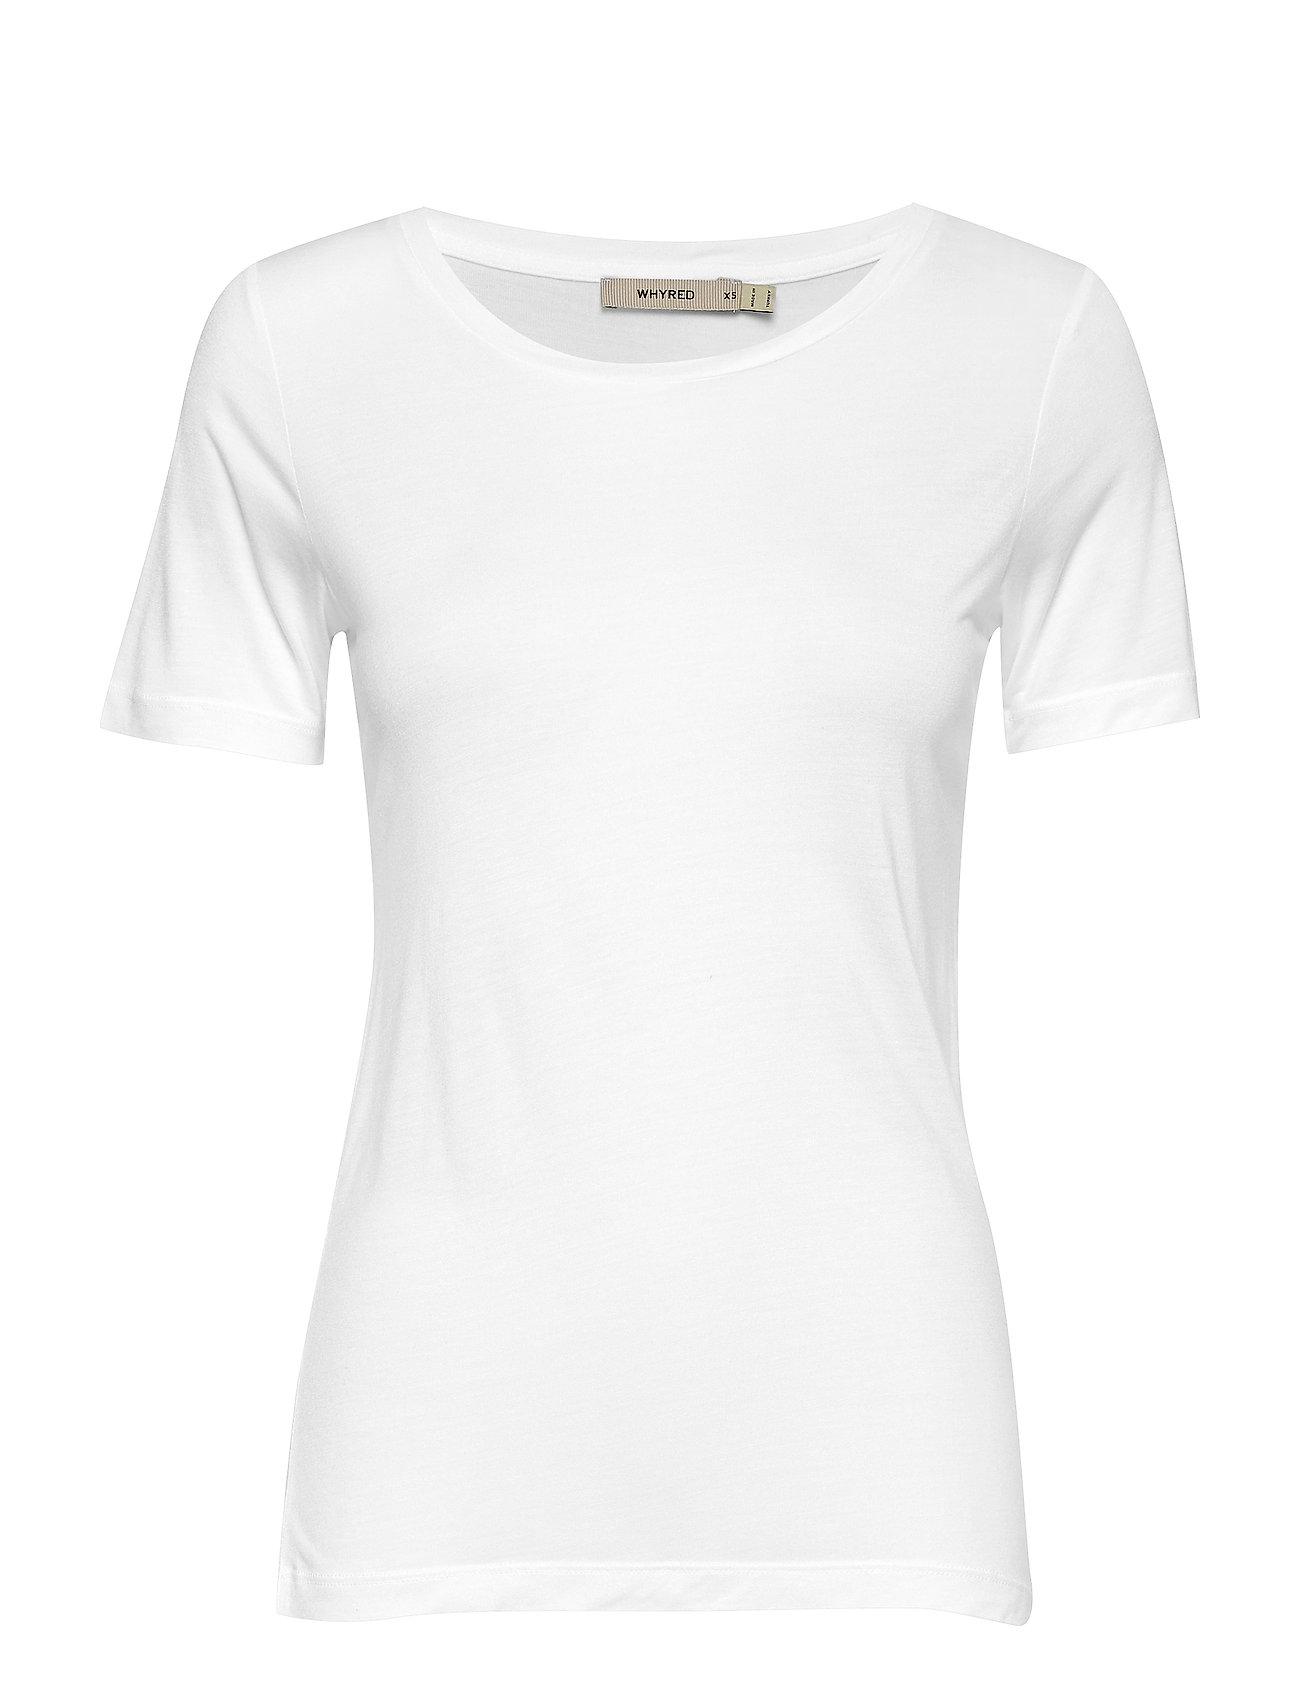 Whyred VANYA - WHITE